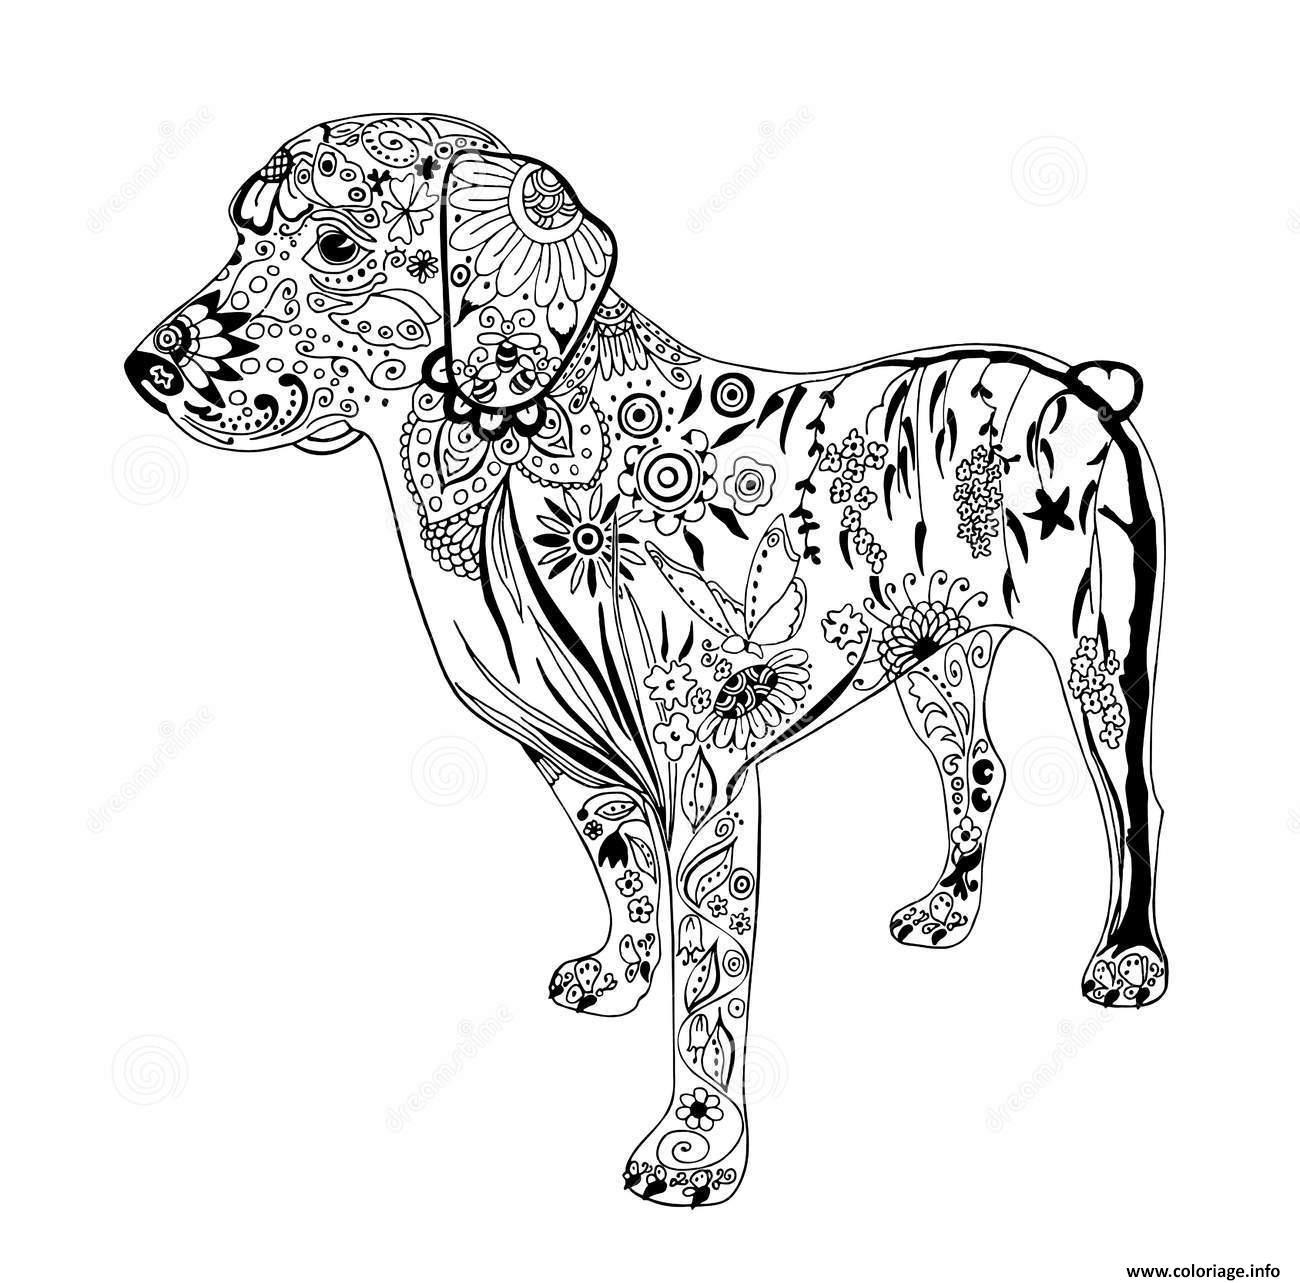 Coloriage Chien A Imprimer Pdf.Coloriage Chien Doodle Zentangle Animaux Adulte Dessin